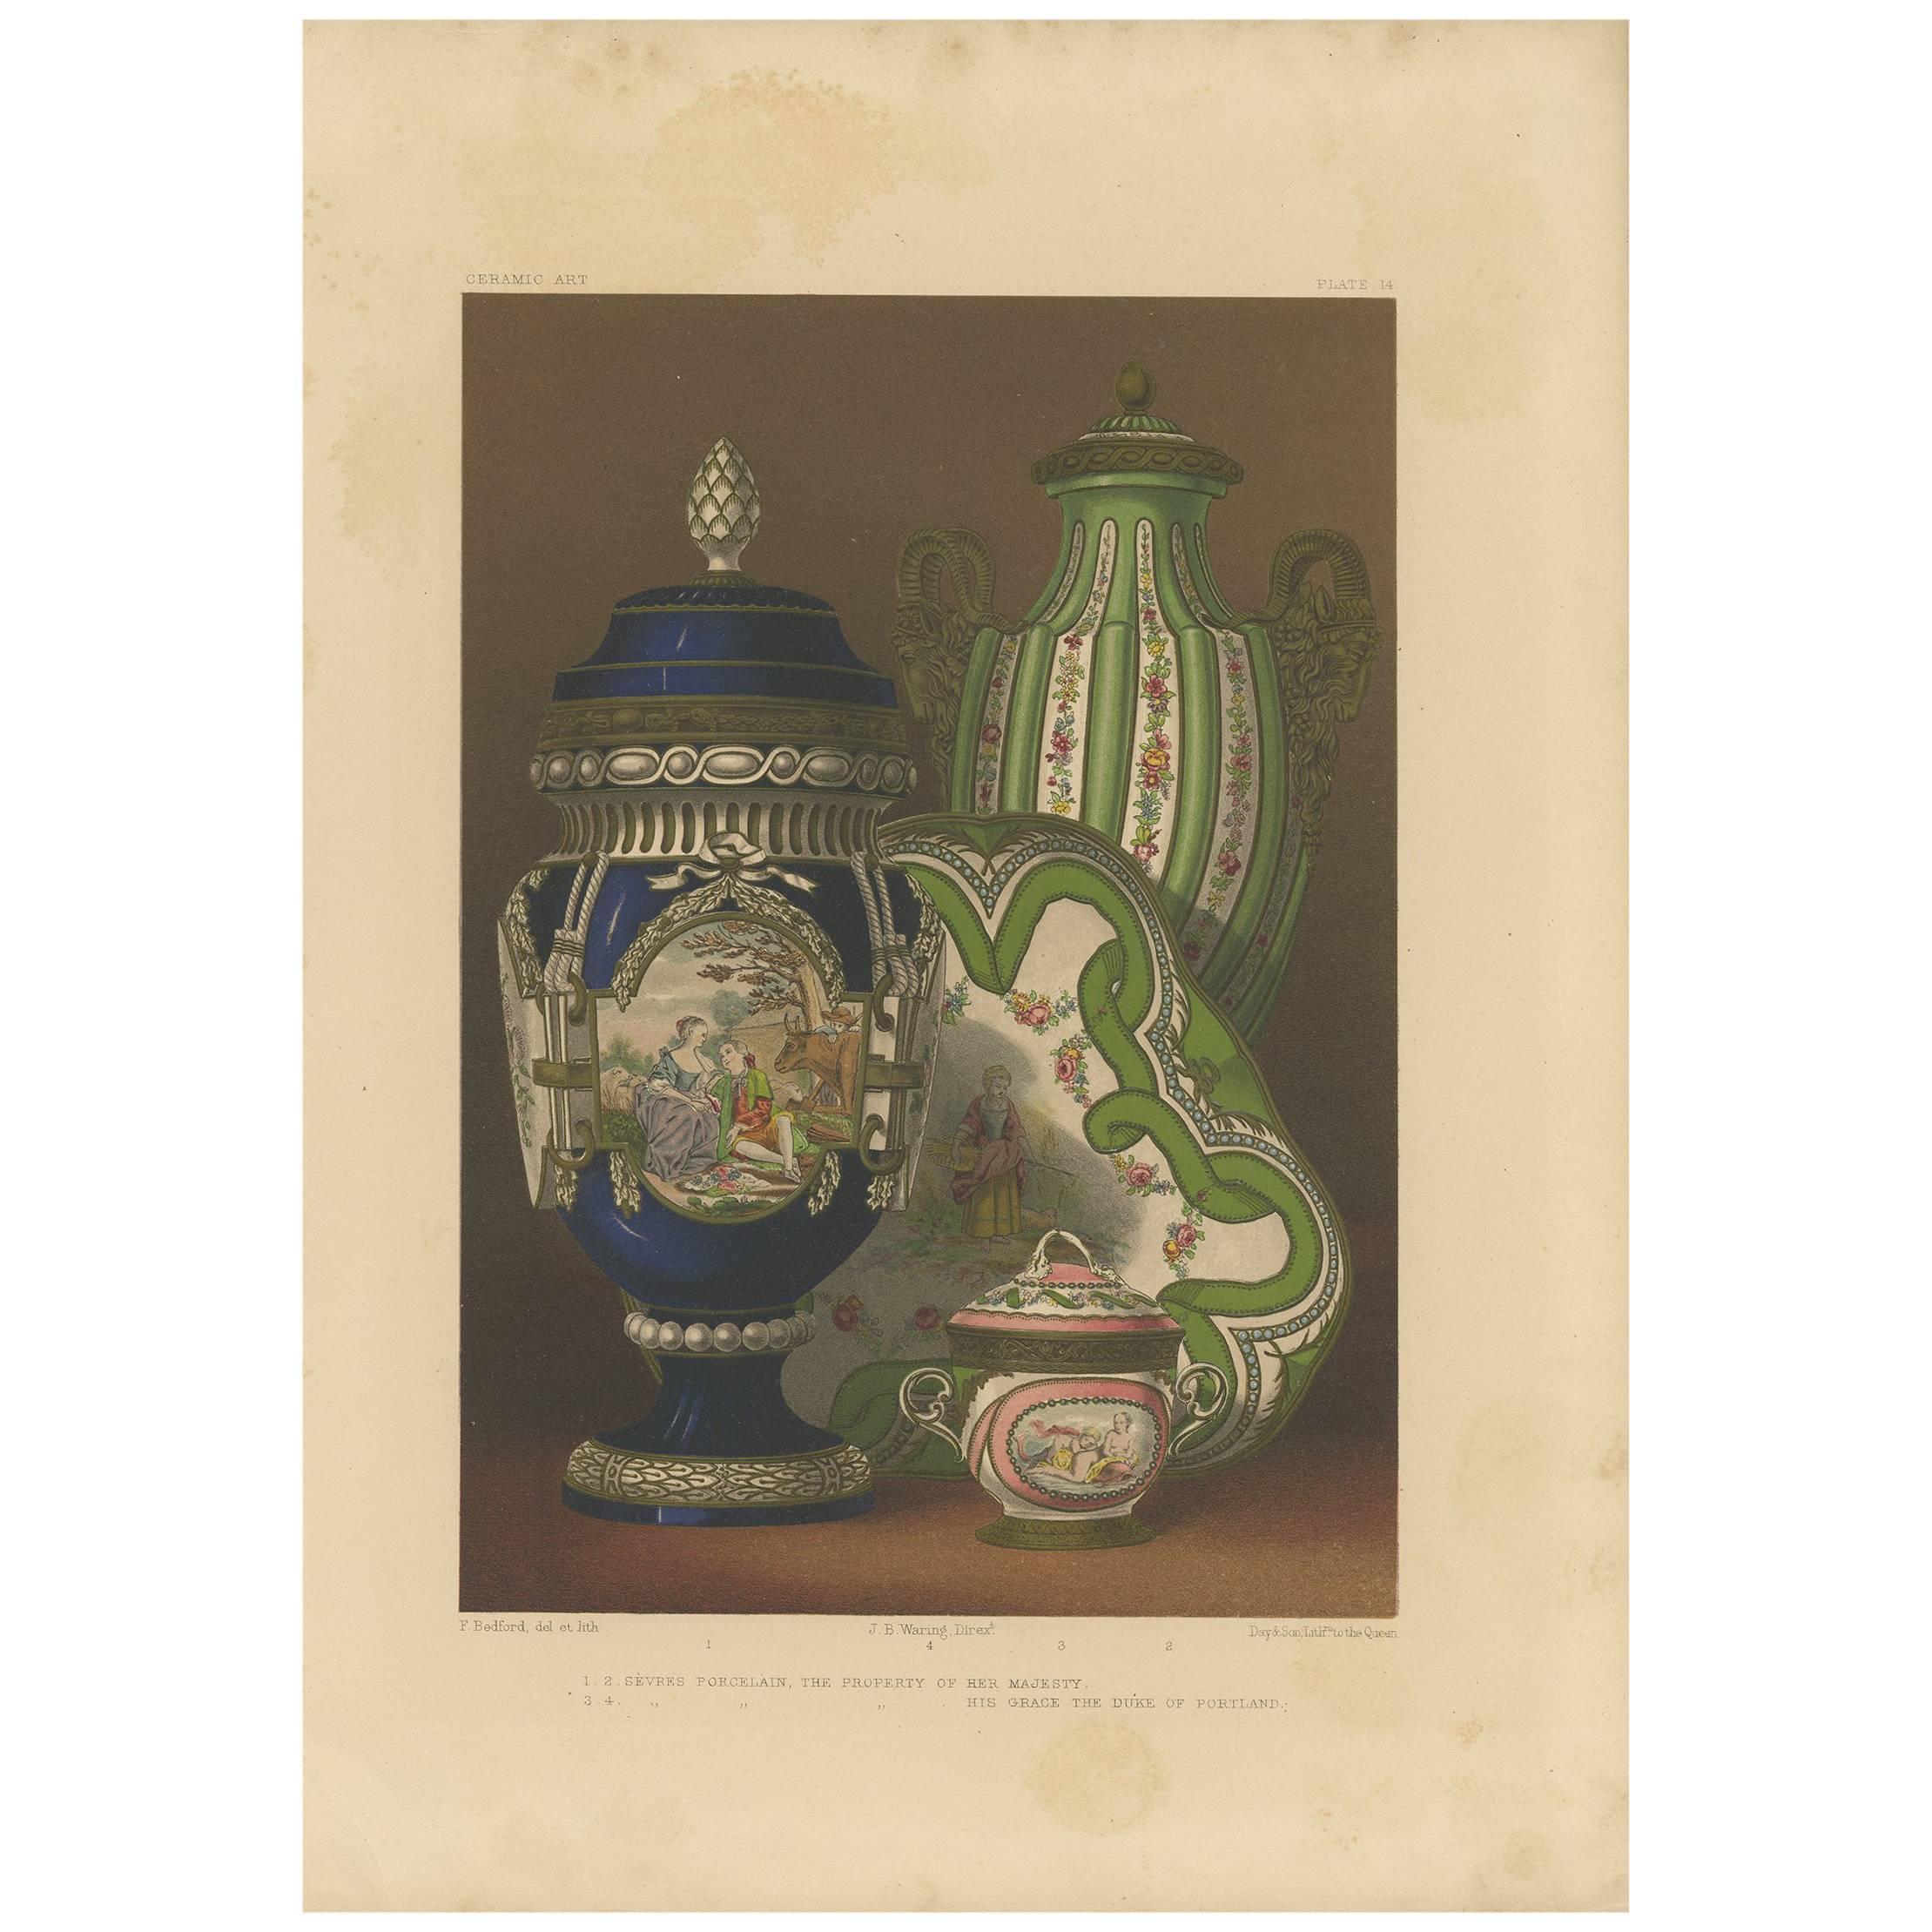 Pl. 14 Antique Print of Sèvres Porcelain by Bedford, circa 1857